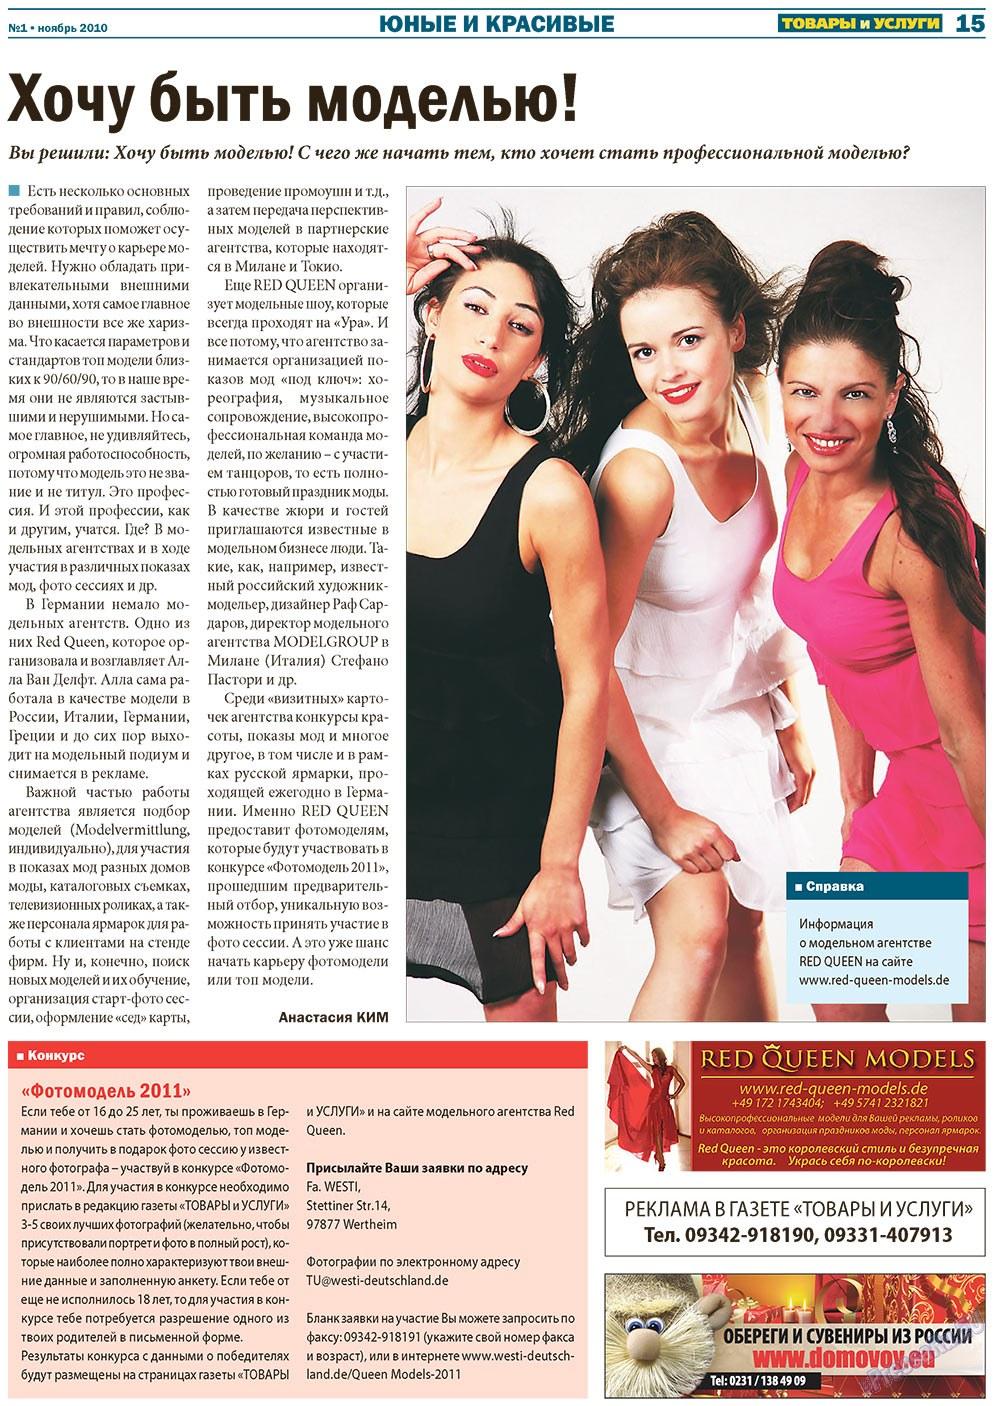 Товары и услуги (газета). 2010 год, номер 1, стр. 15